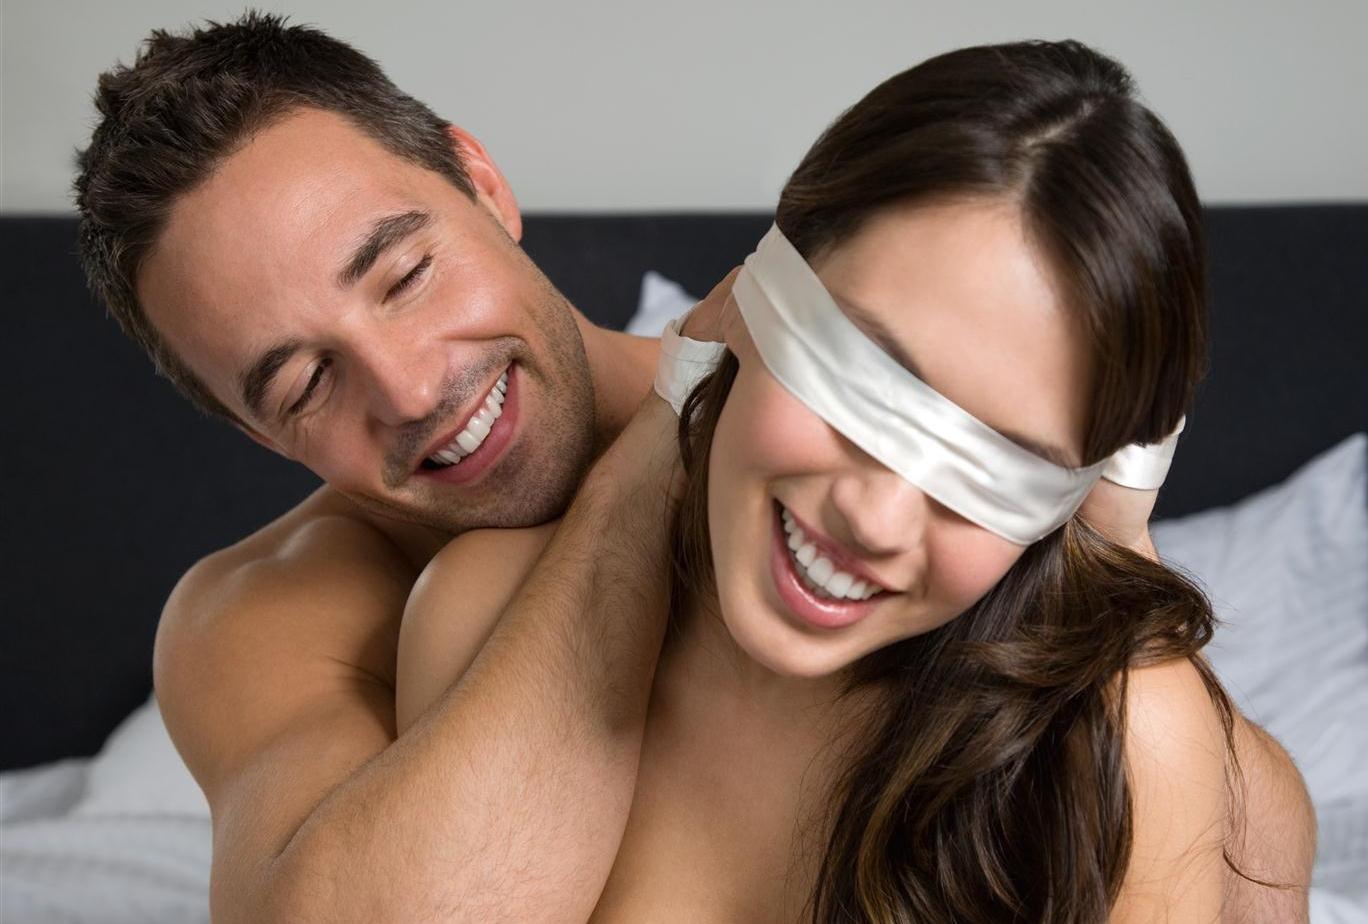 accessori sex sesso oggetti